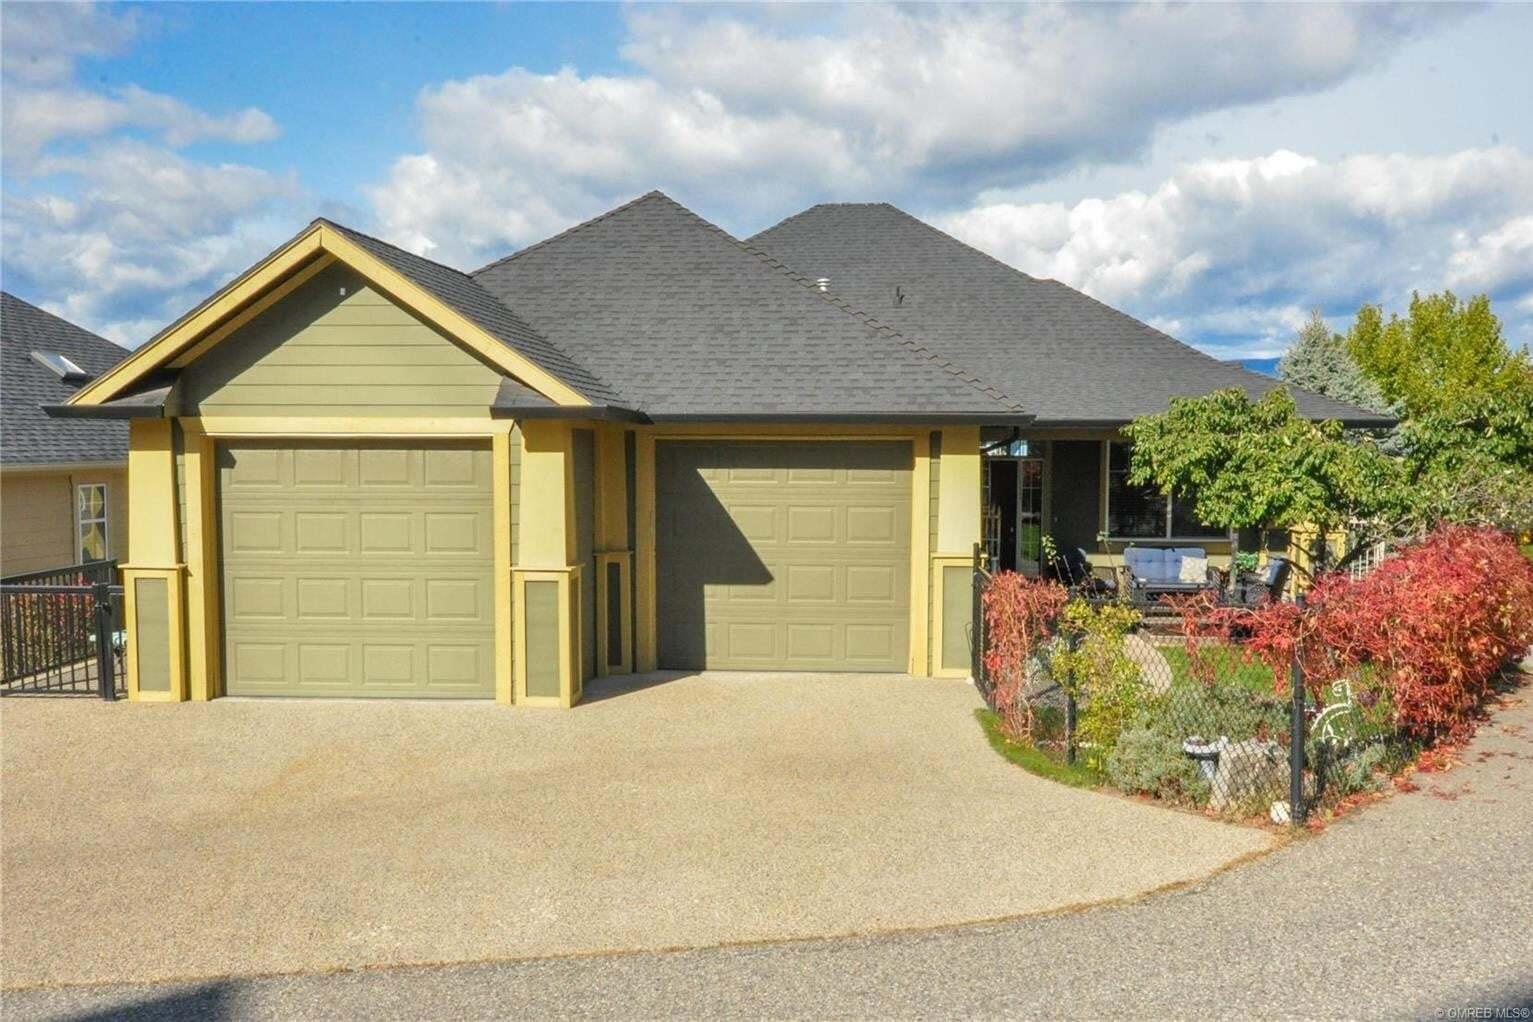 House for sale at 339 Mccarren Ave Kelowna British Columbia - MLS: 10217792